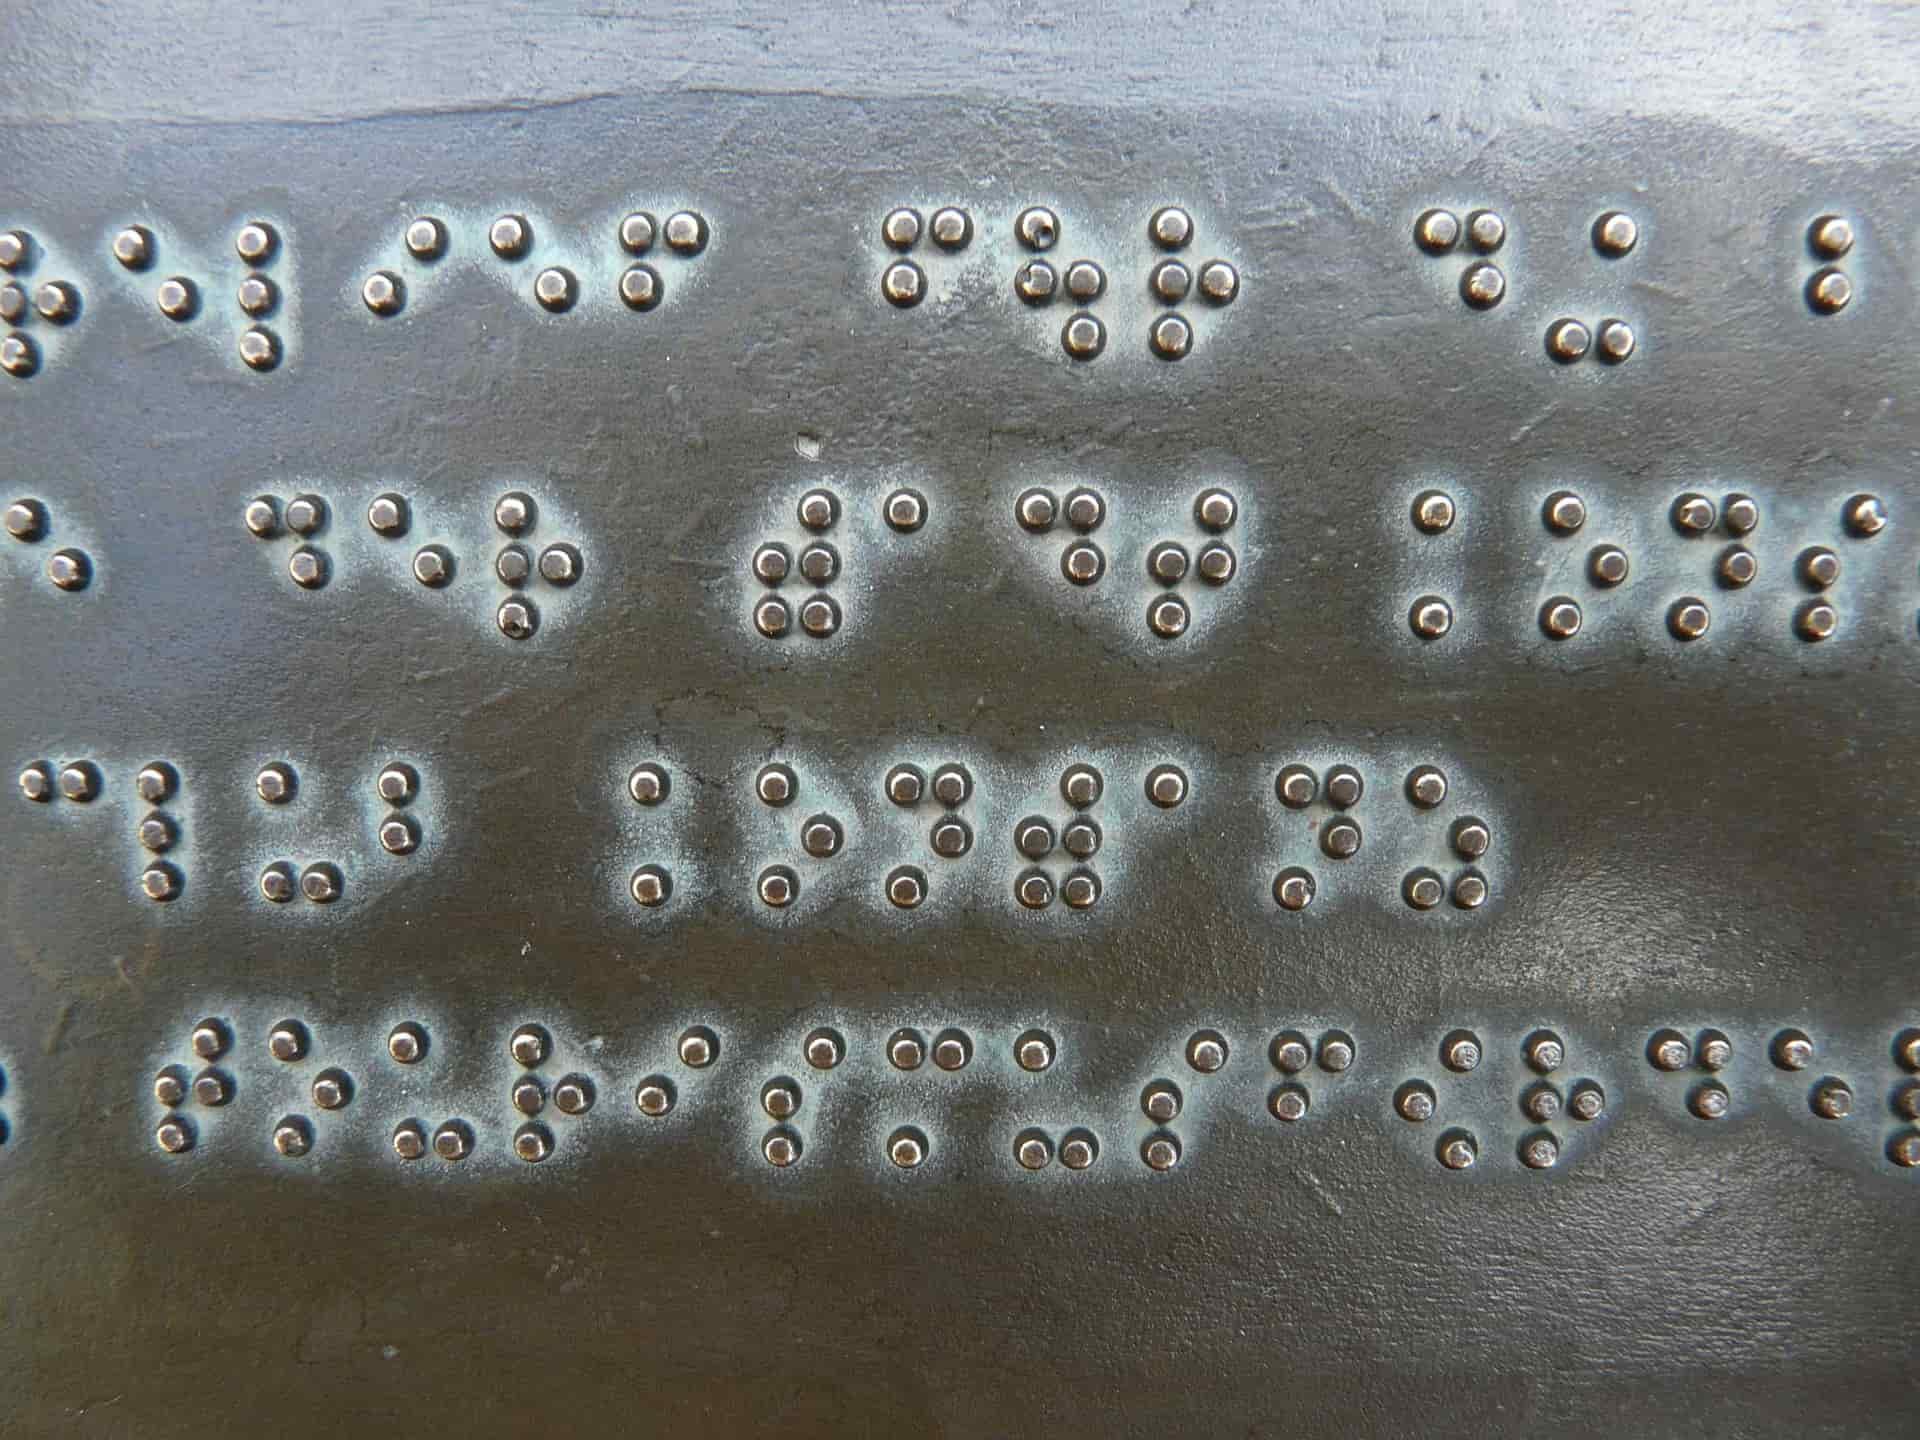 #14. Biblioteka Emgu CV i alfabet Braille'a